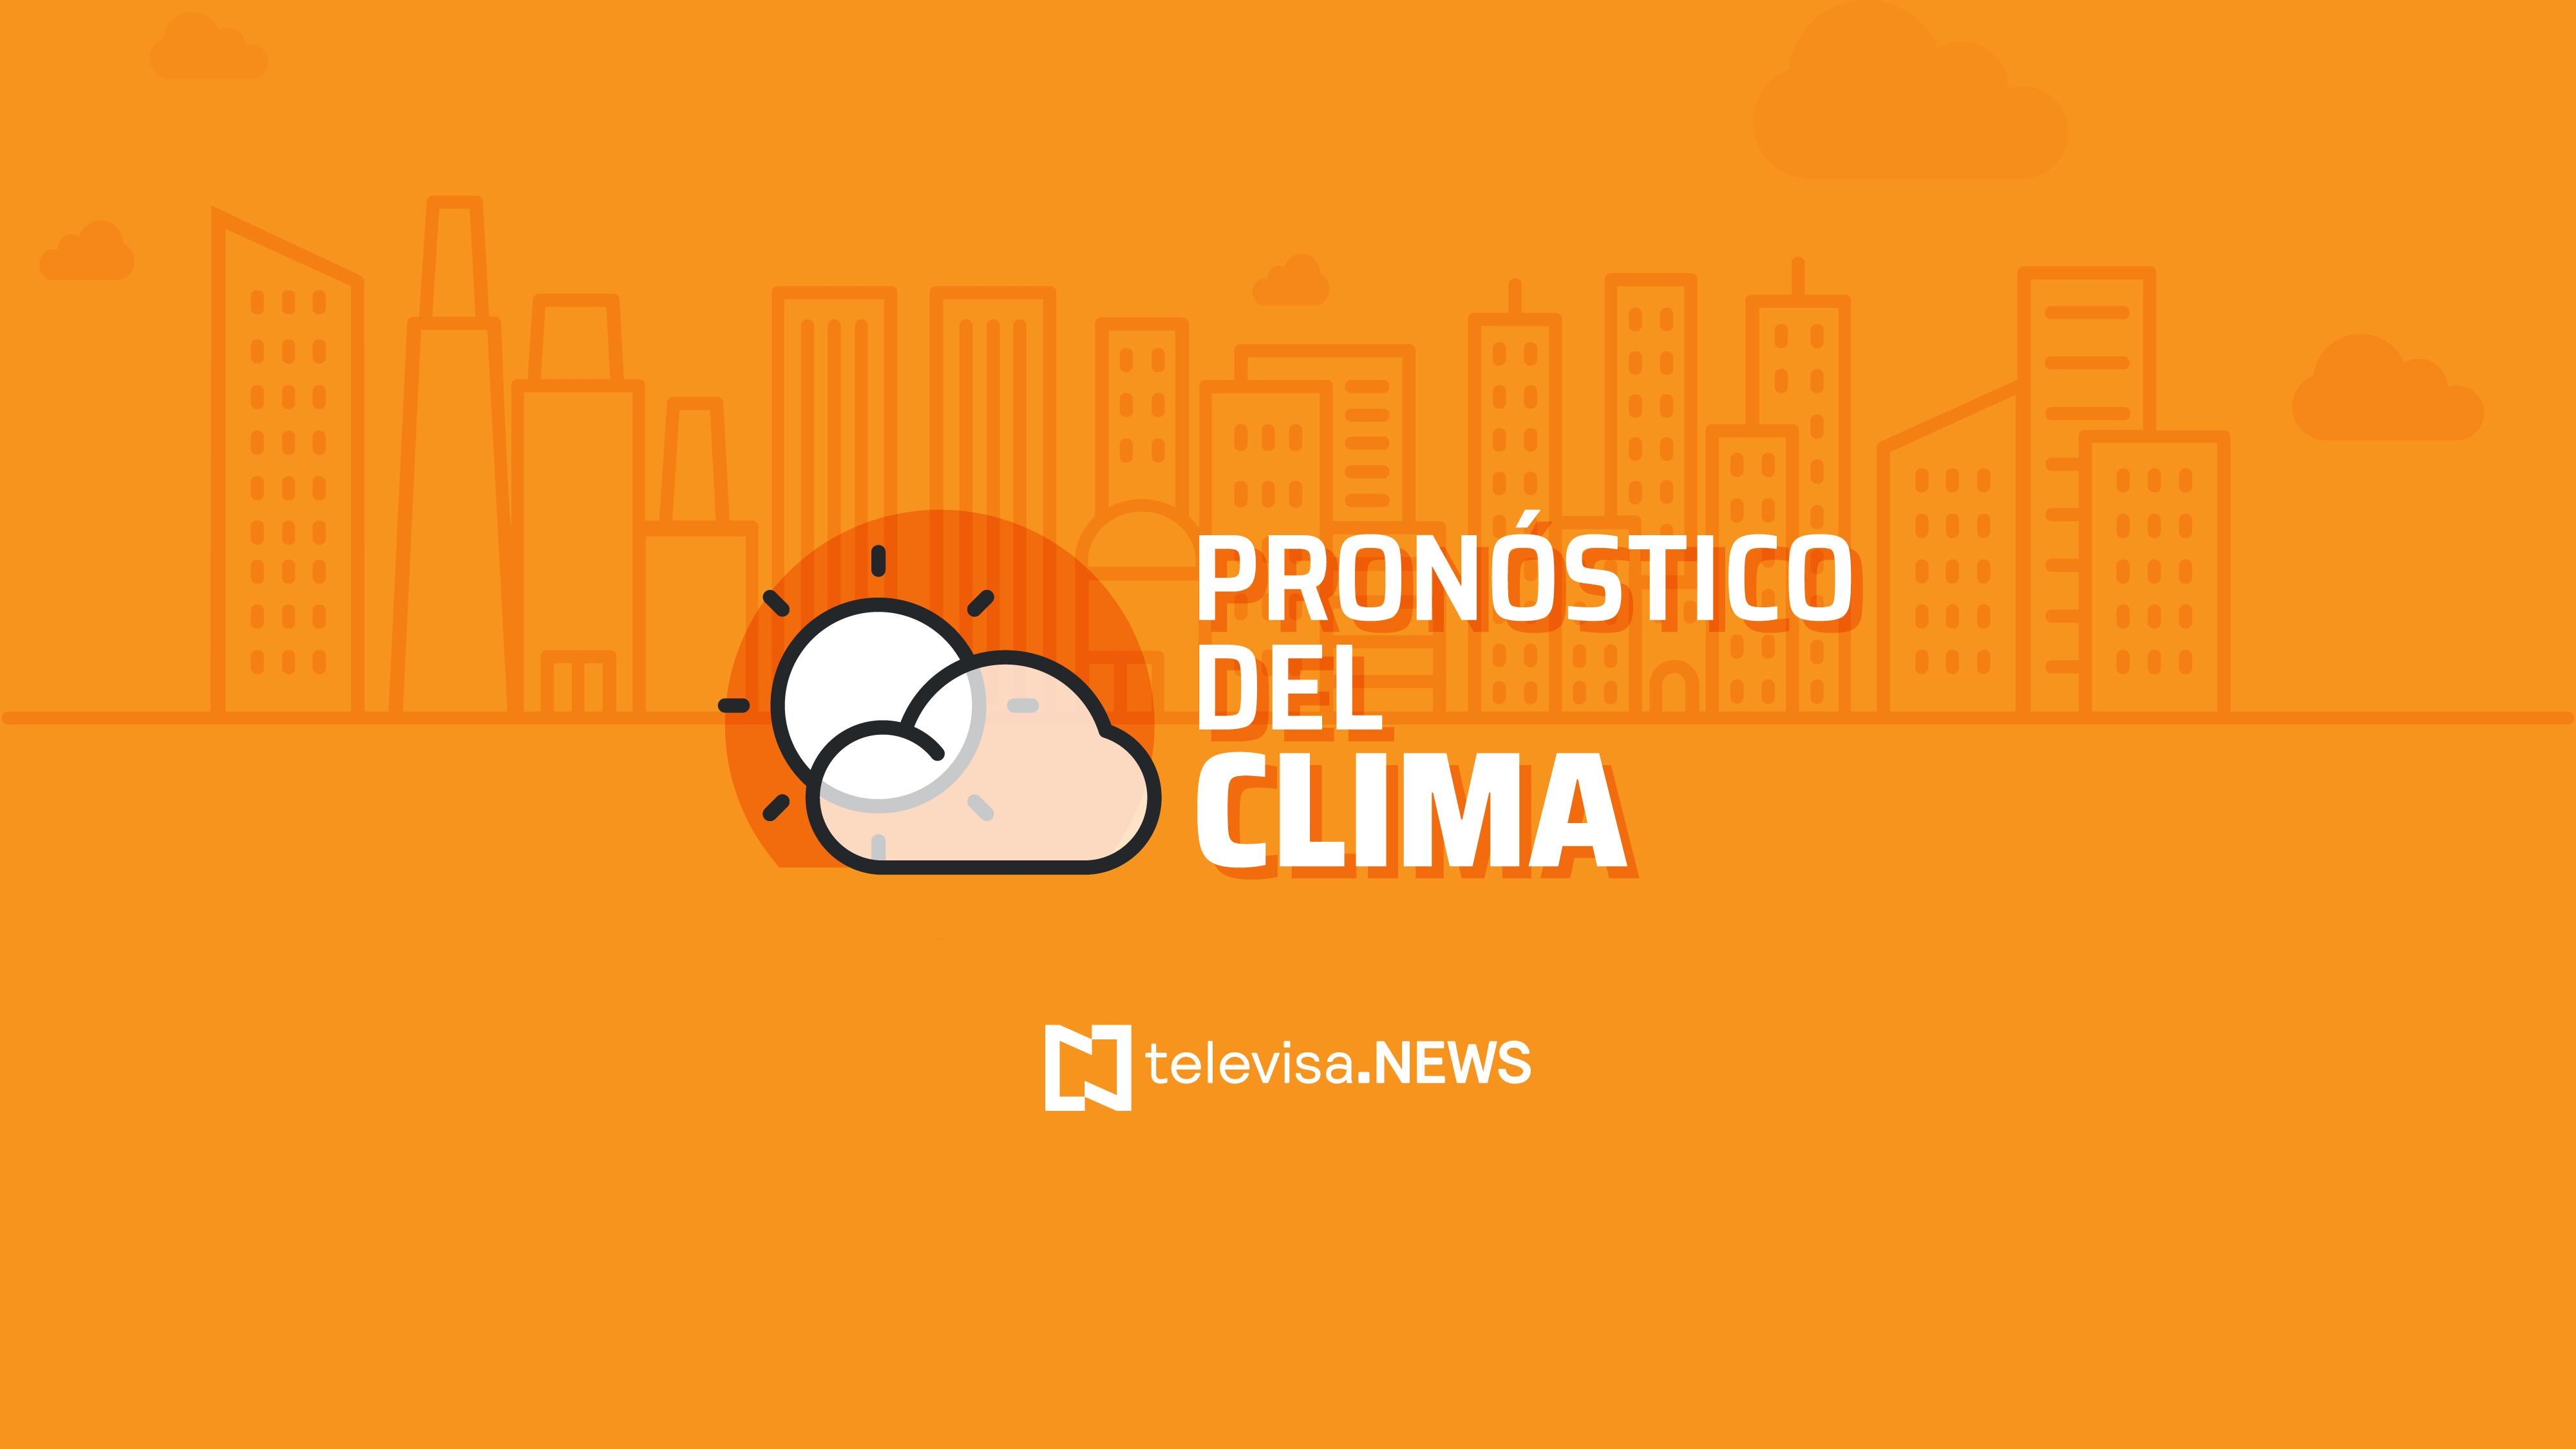 Clima en México: Se prevén lluvias en Chiapas, Jalisco, Oaxaca y Zacatecas